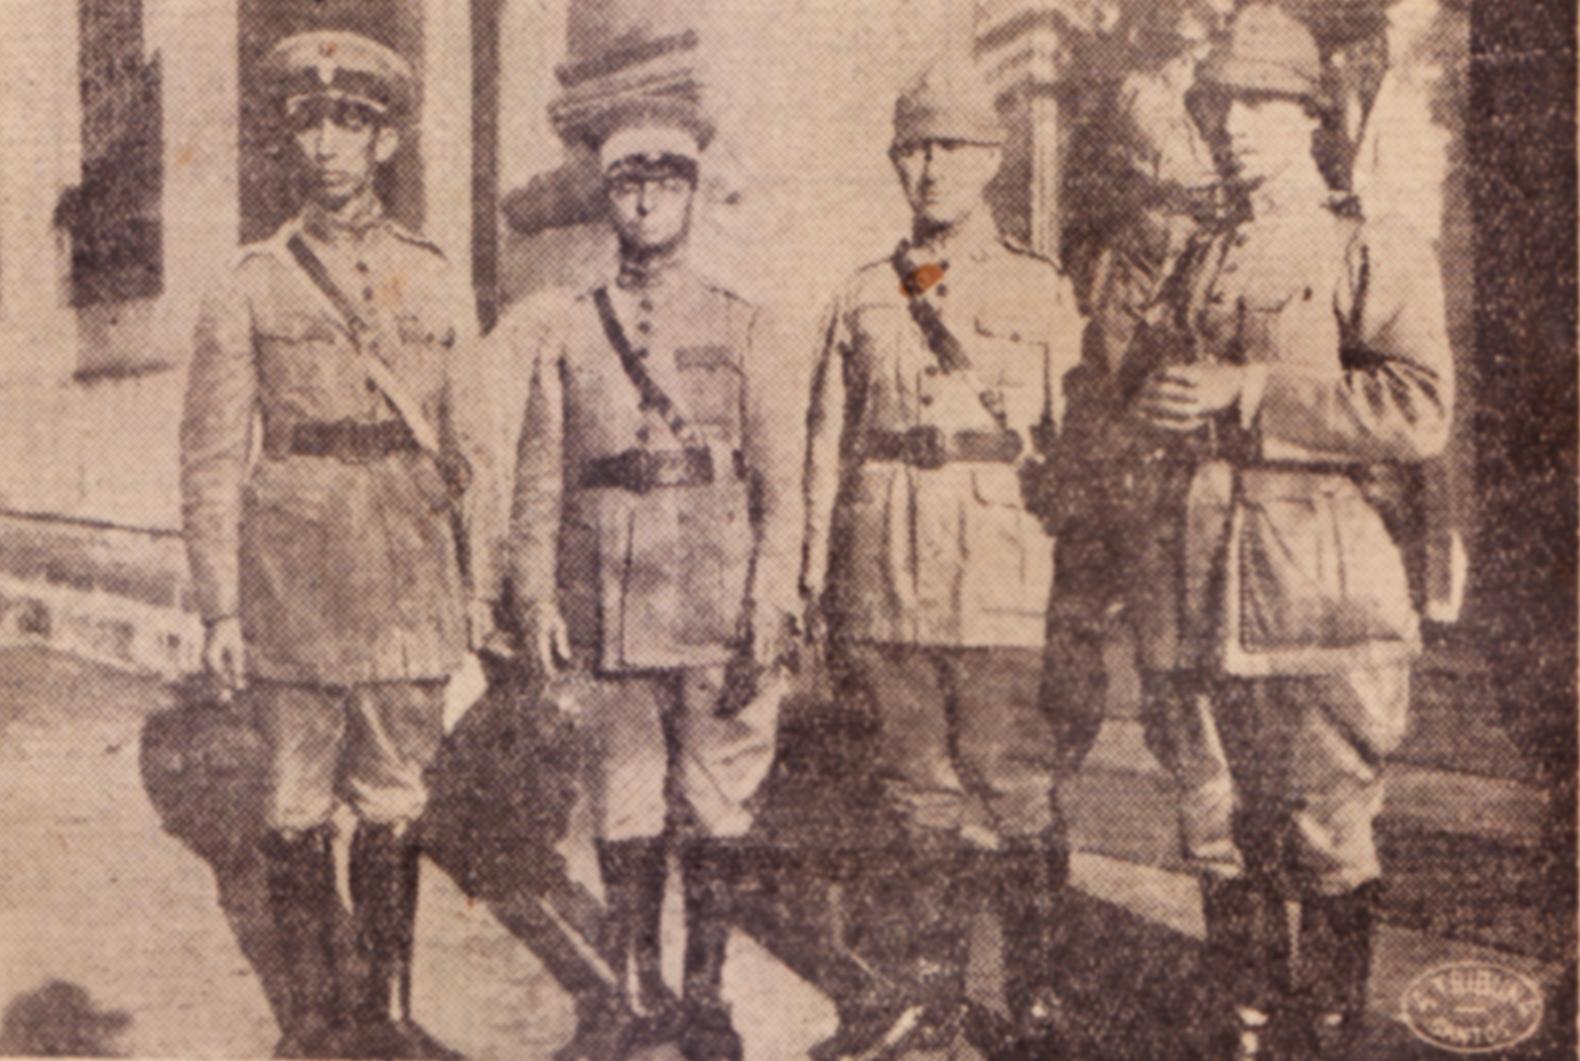 O sr. coronel Mello Mattos (primeiro à esquerda), comandante da Praça de Santos, ao lado dos oficiais do seu estado-maior, em pose para A Tribuna.